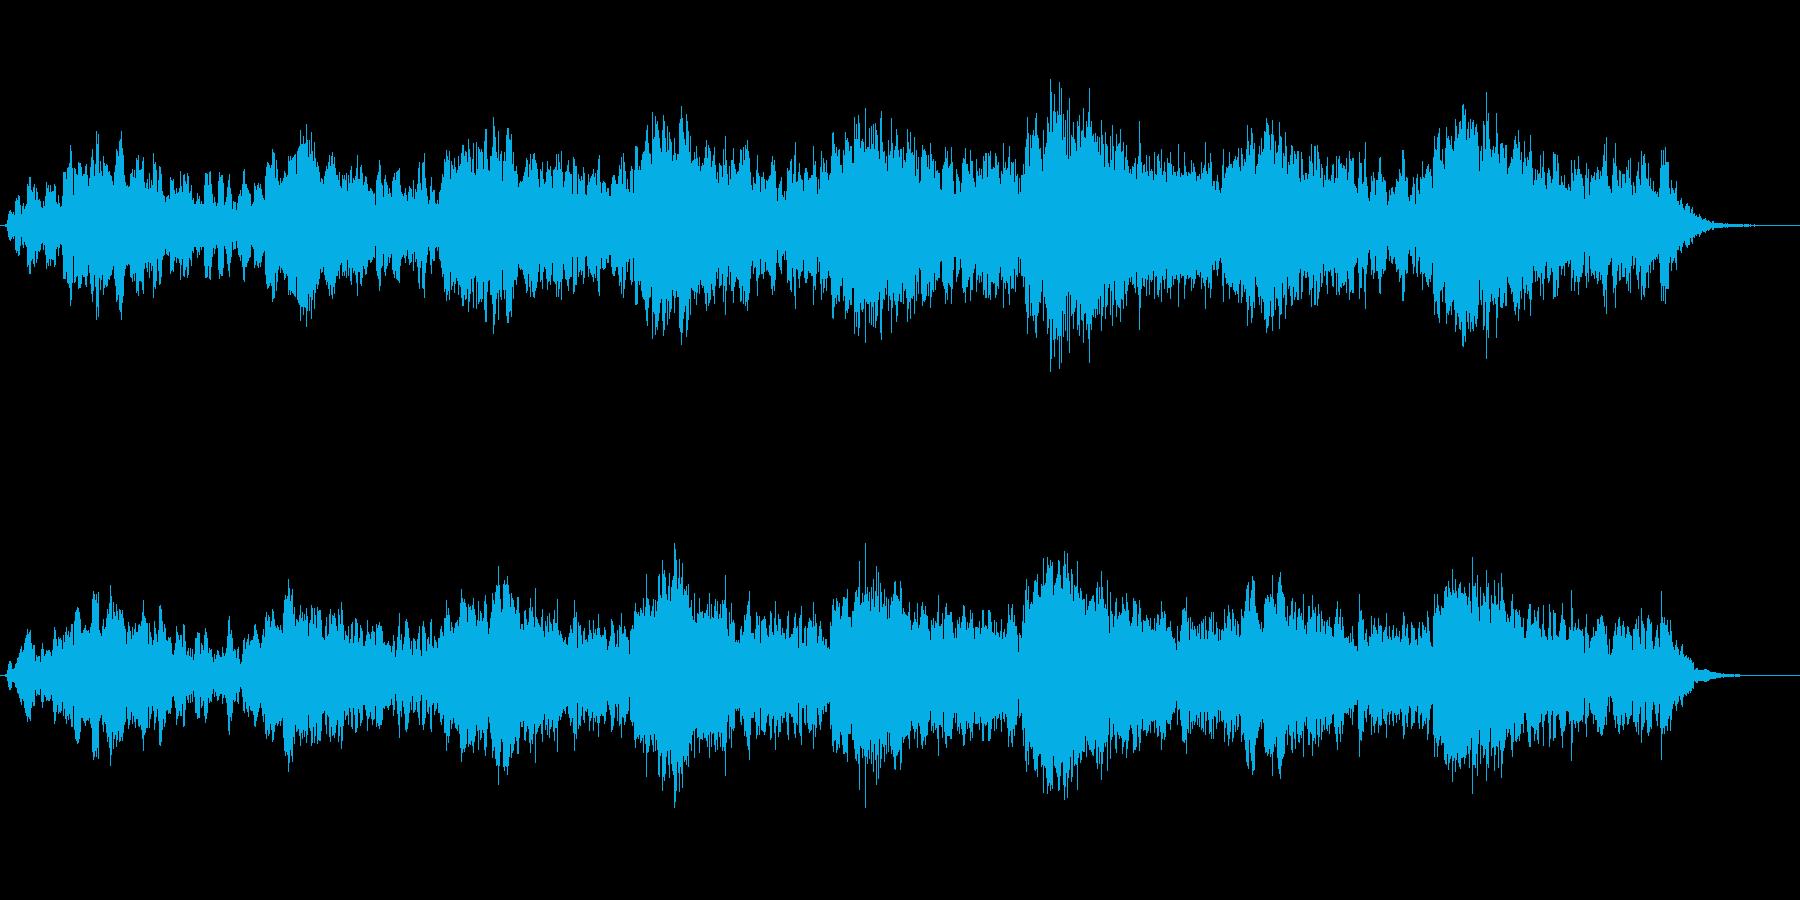 エレピとパッドの幻想的なジングルの再生済みの波形